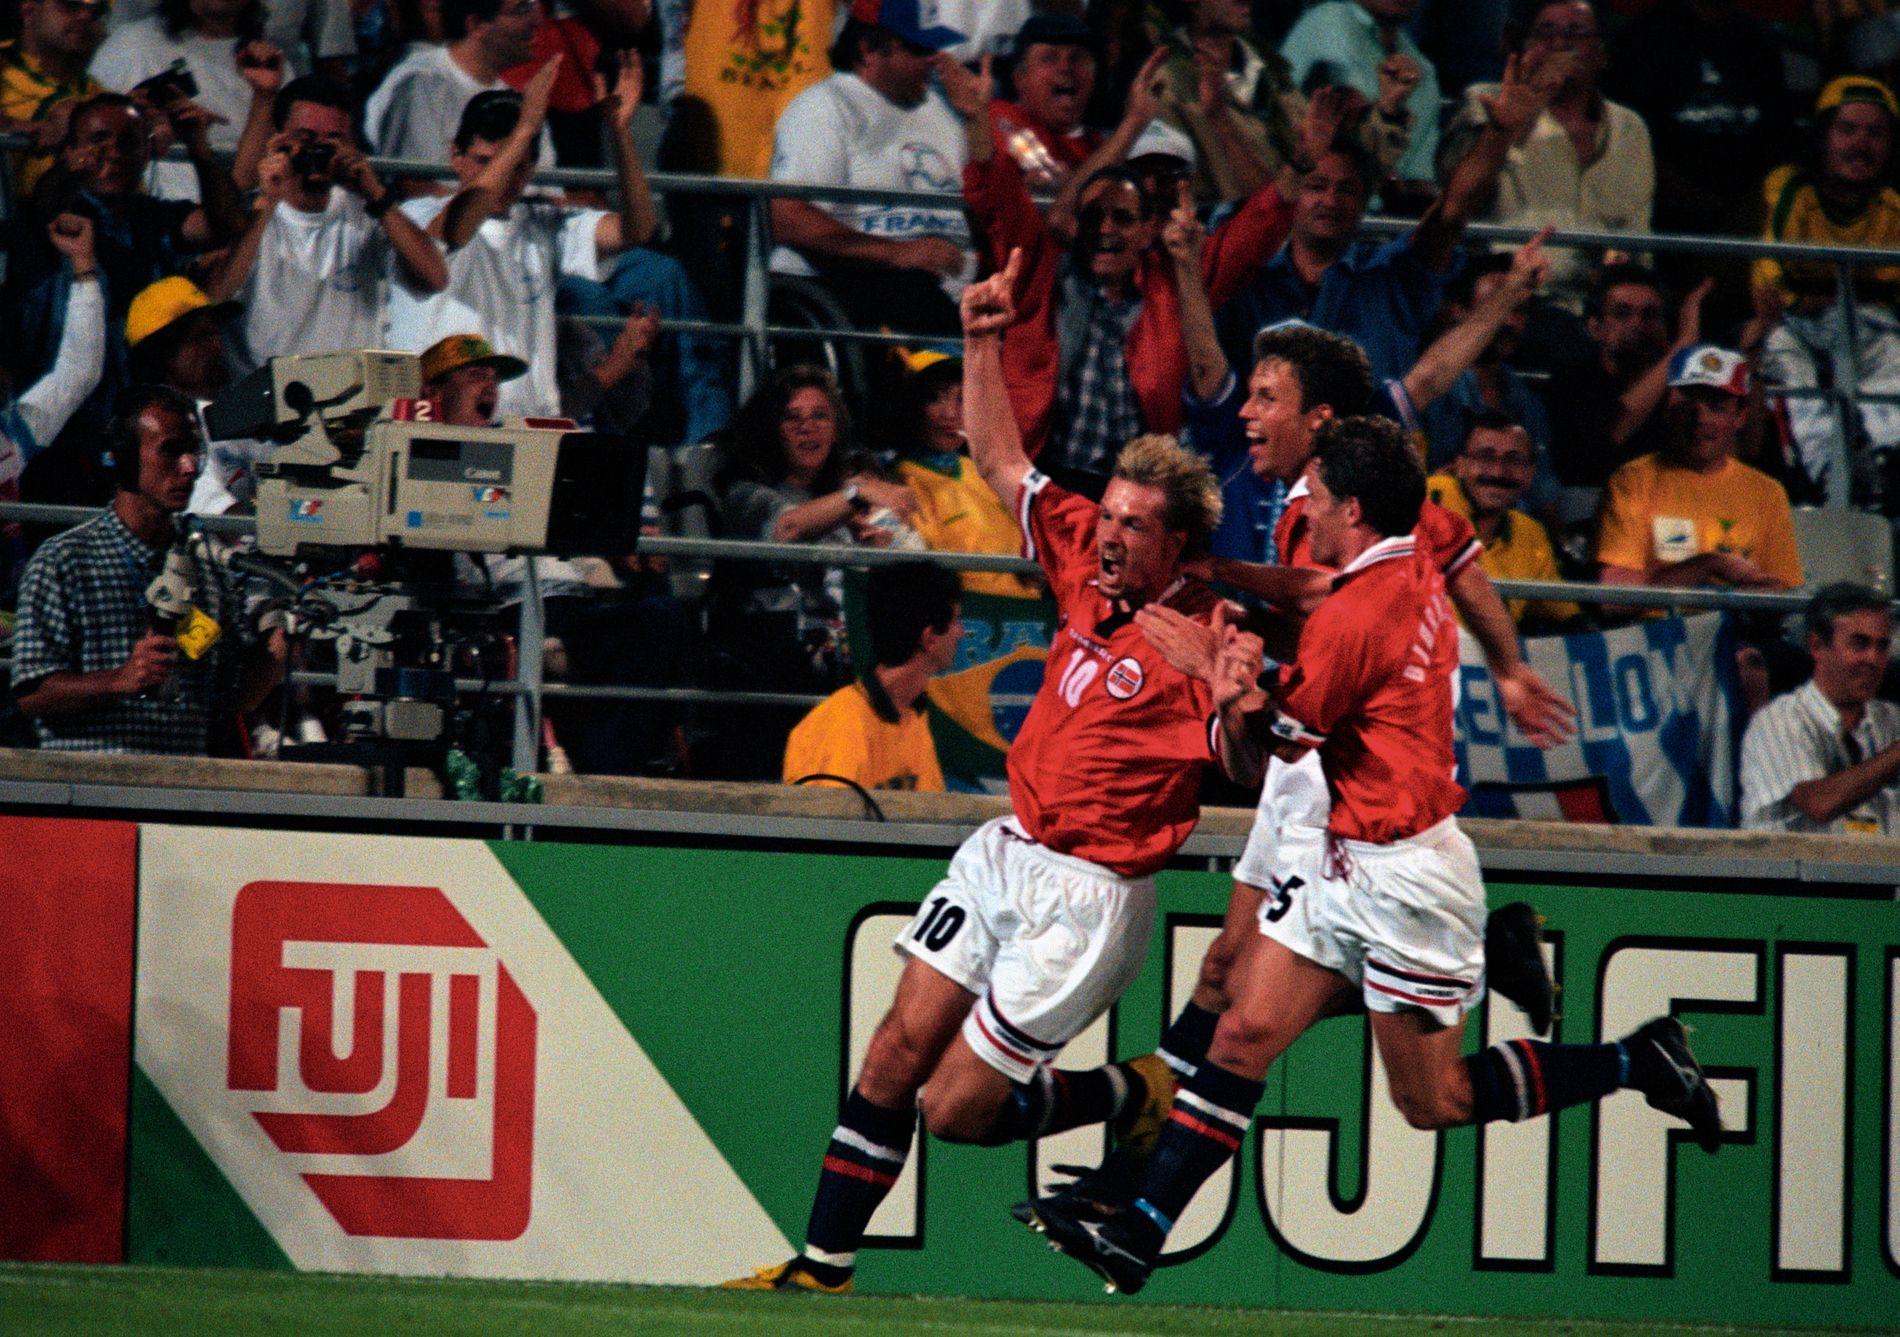 JUBLER: Kjetil Rekdal har akkurat scoret på straffe og sikret seieren mot Brasil under VM i Frankrike i 1998. 9. juni blir det returkamp på Ullevaal stadion - 20 år etter mirakelet i Marseille. Og i dag er Marius Lien ute med en bok om kampen.